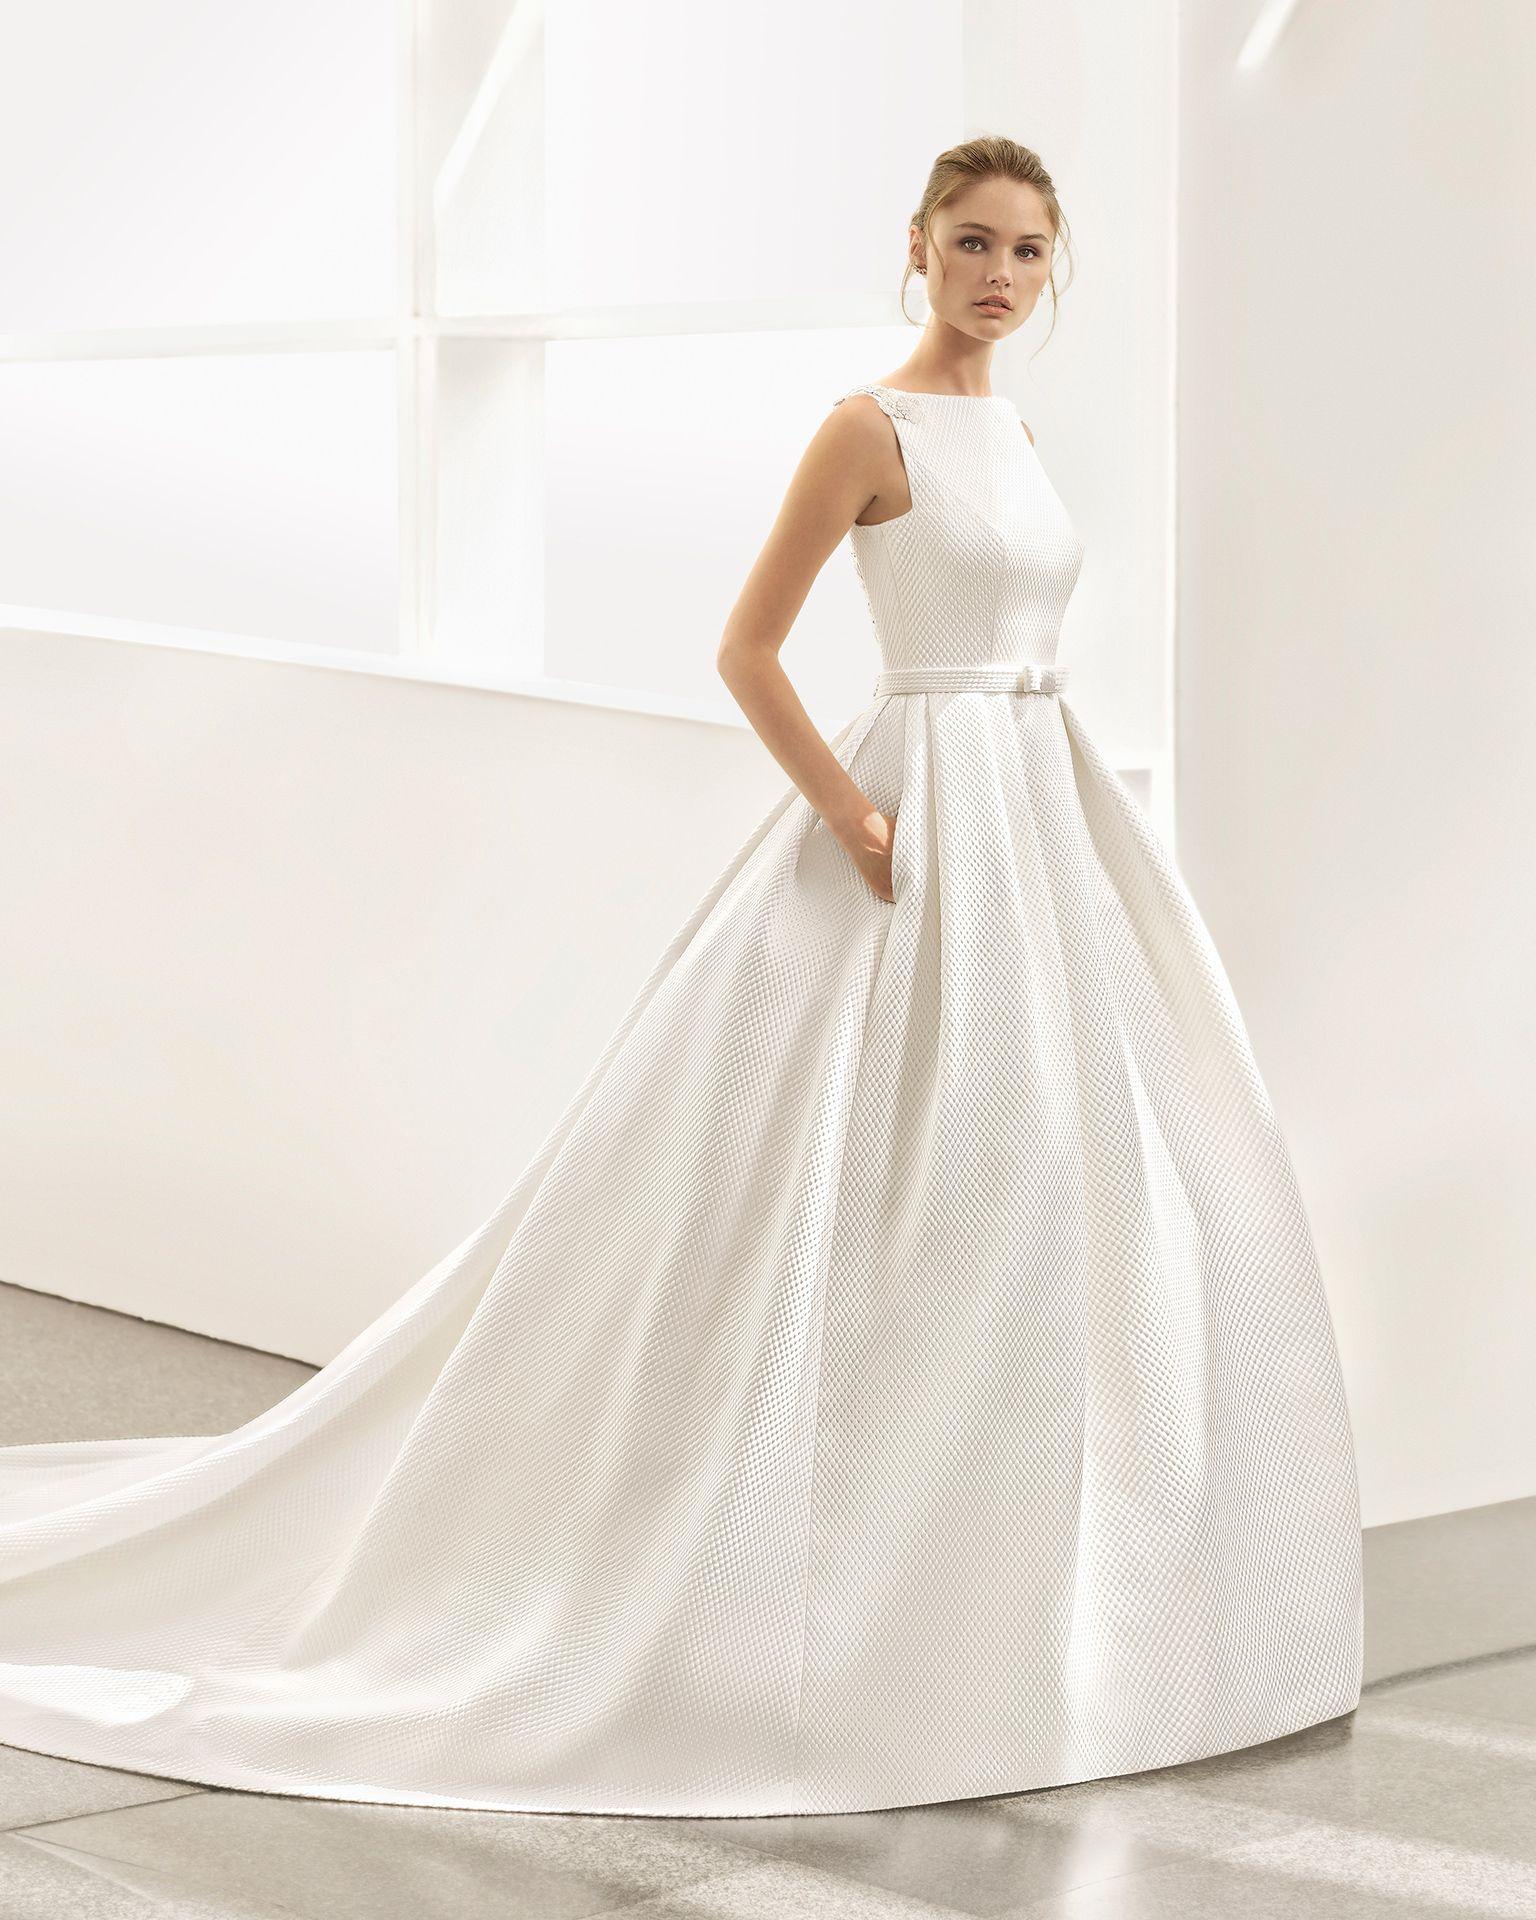 Un vestido clásico y elegante ralizado en cloqué. El cuerpo tiene una espectacular espalda joya con escote en V que se combina con una falda de volumen con blolsillos. Rosa Clará Couture 2018